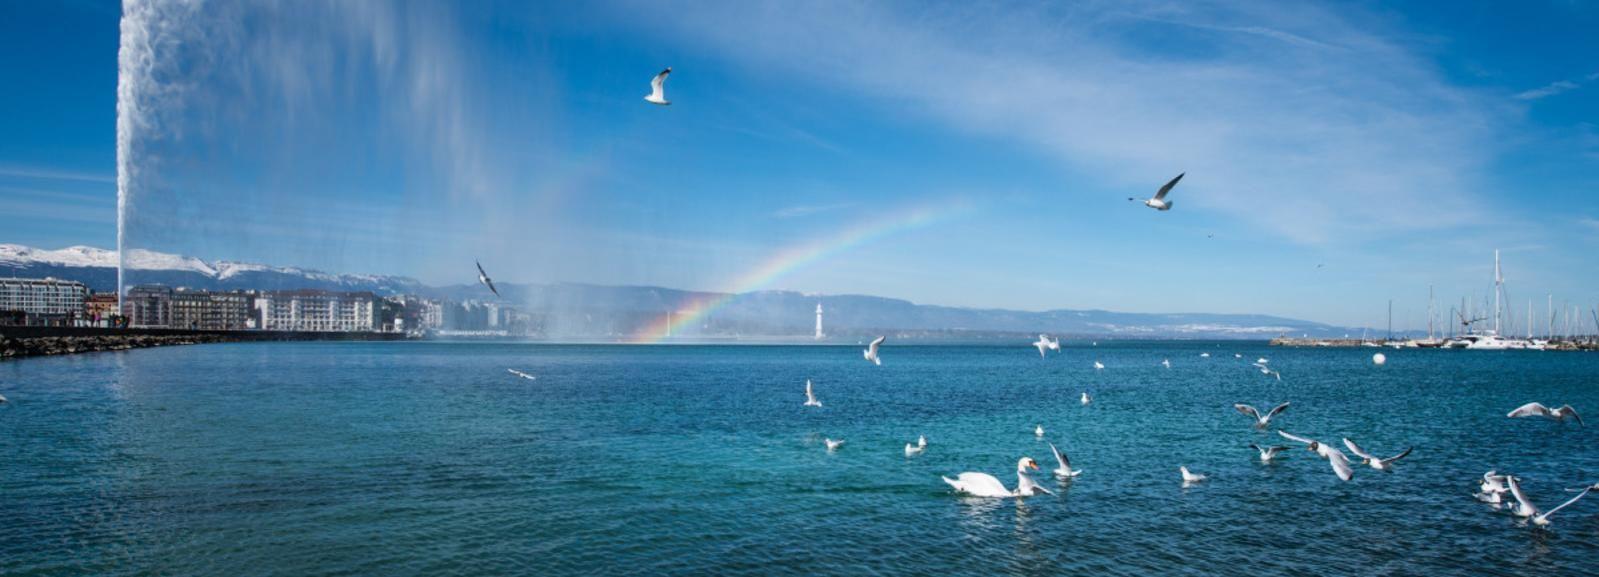 Genève stadstour en boottocht